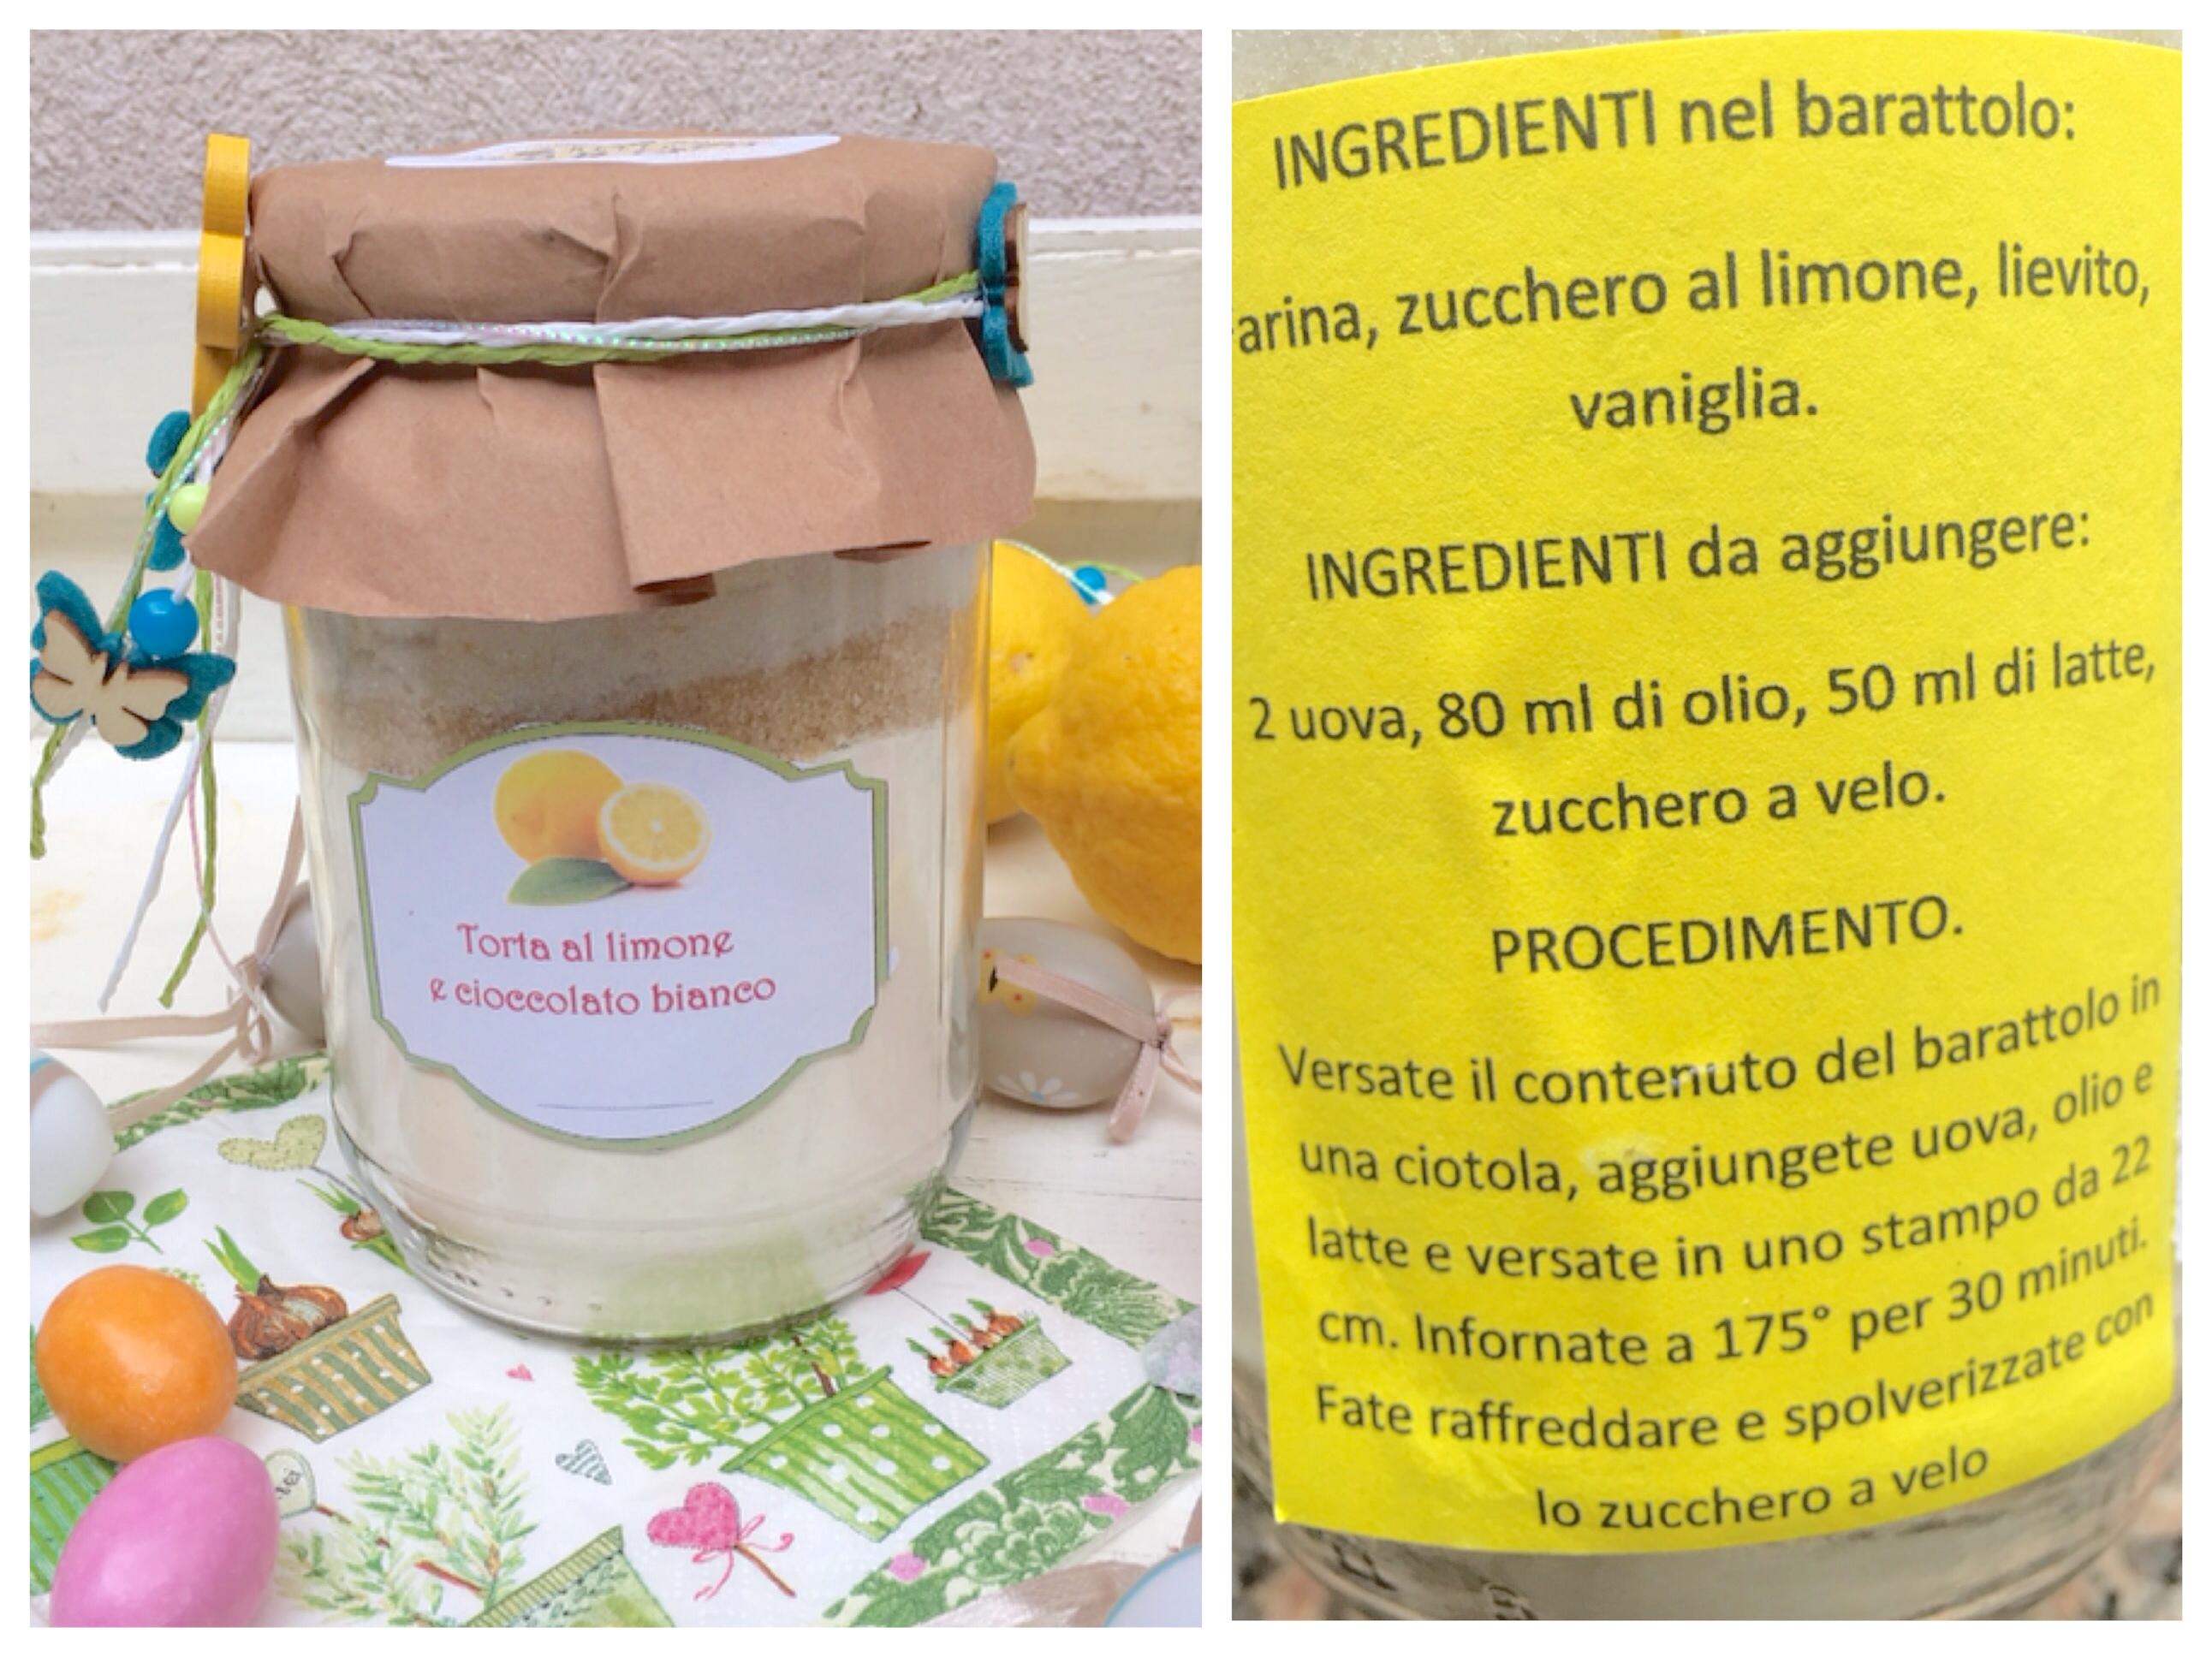 TORTA AL LIMONE E CIOCCOLATO BIANCO (ingredienti in barattolo)